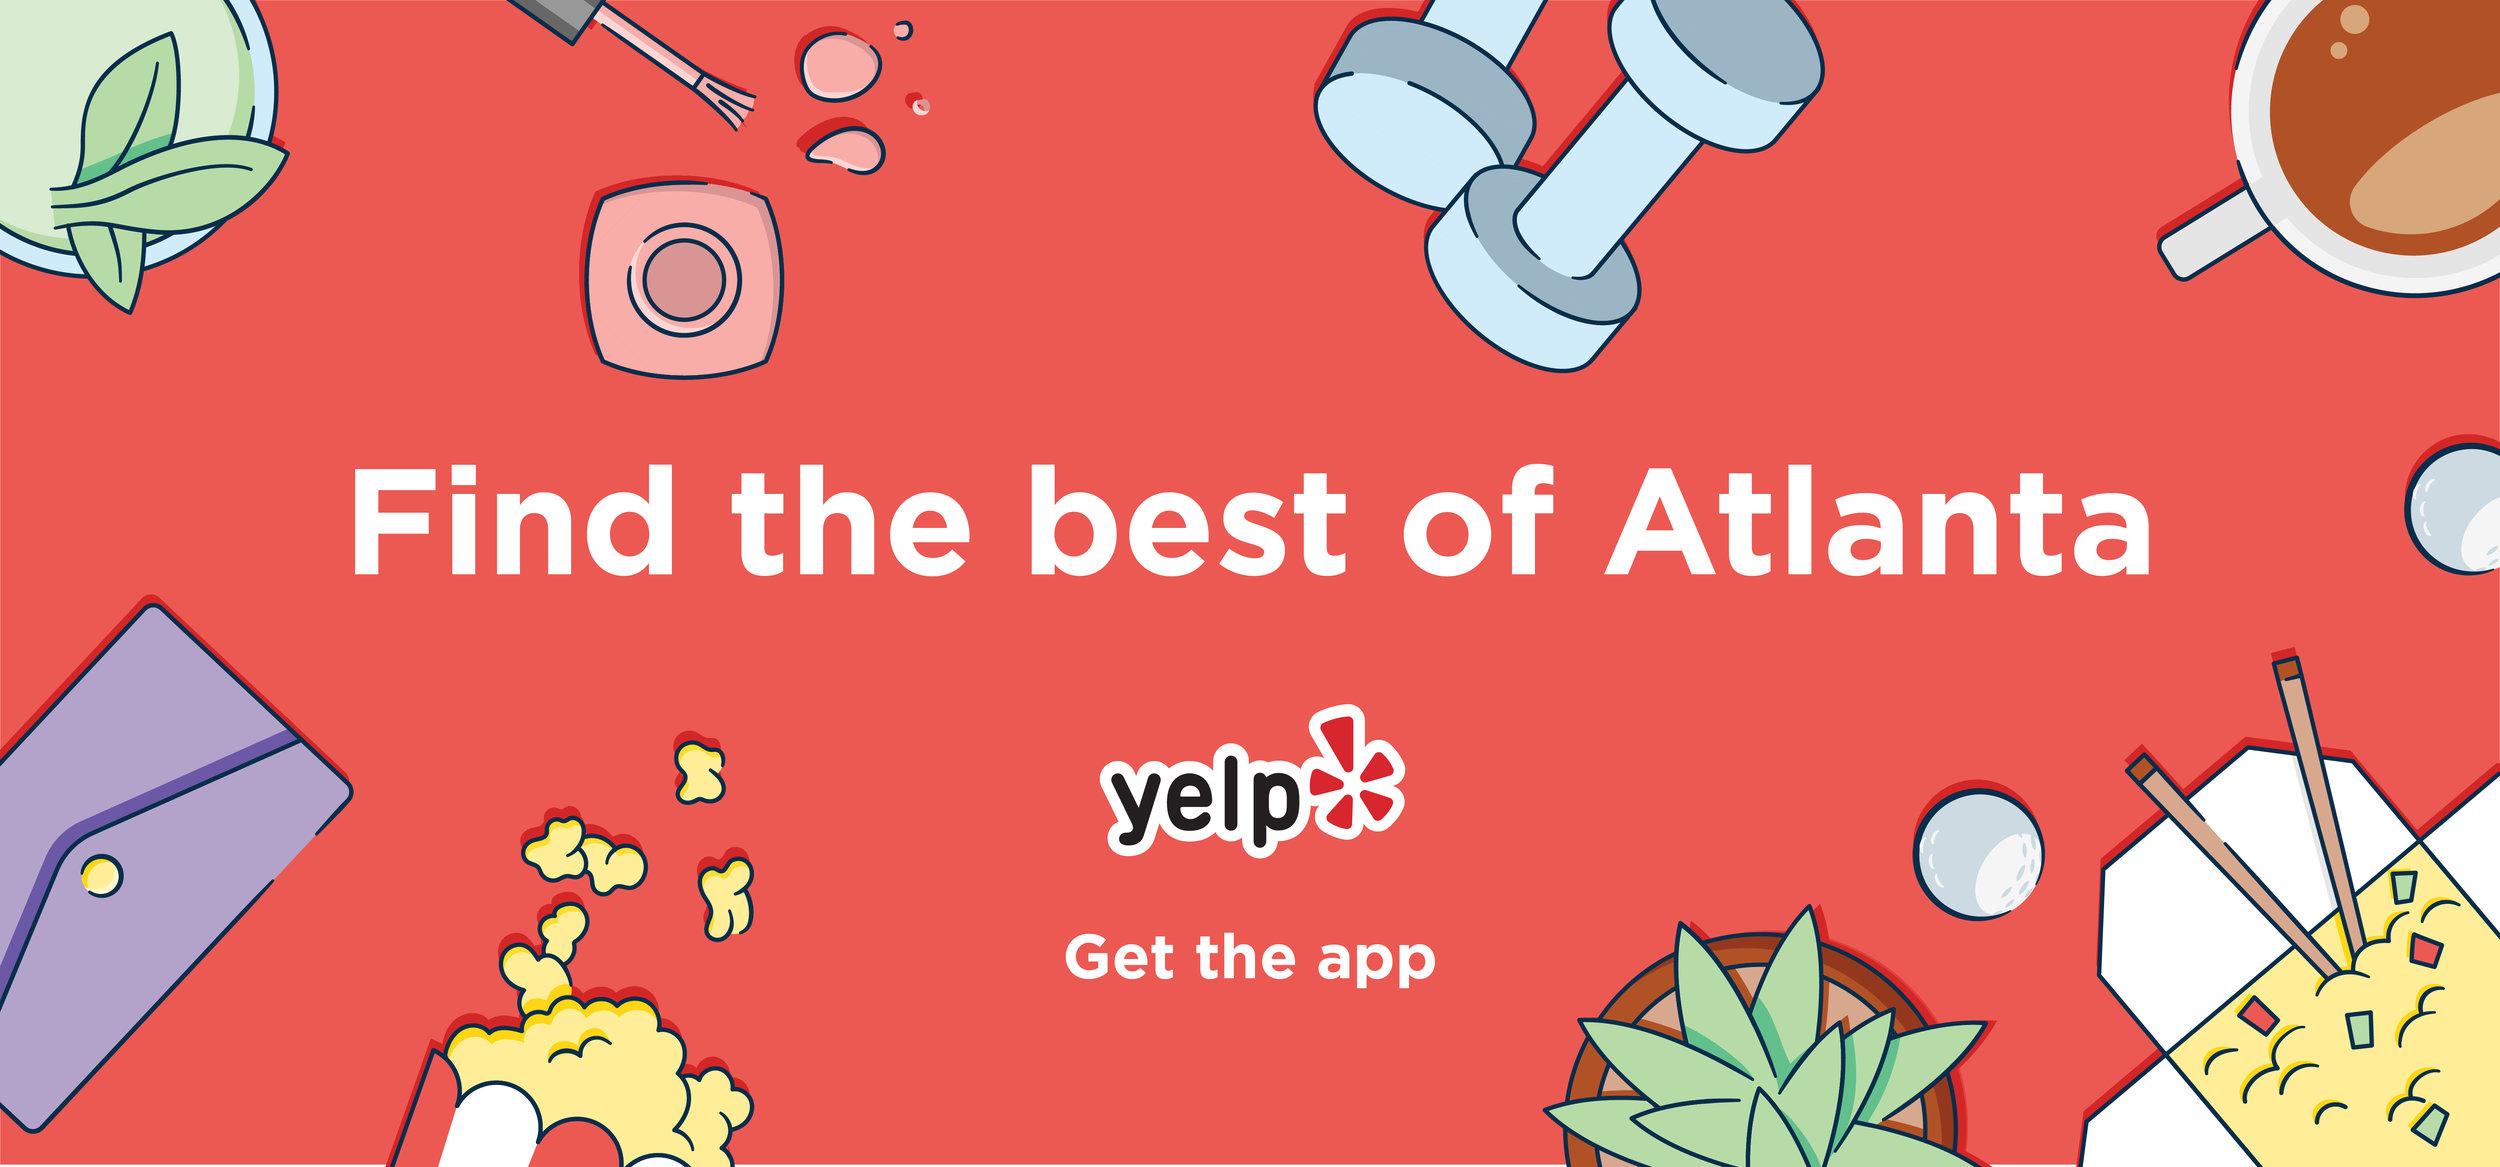 CM_Yelp General Ad_Atlanta_Header (1).jpg